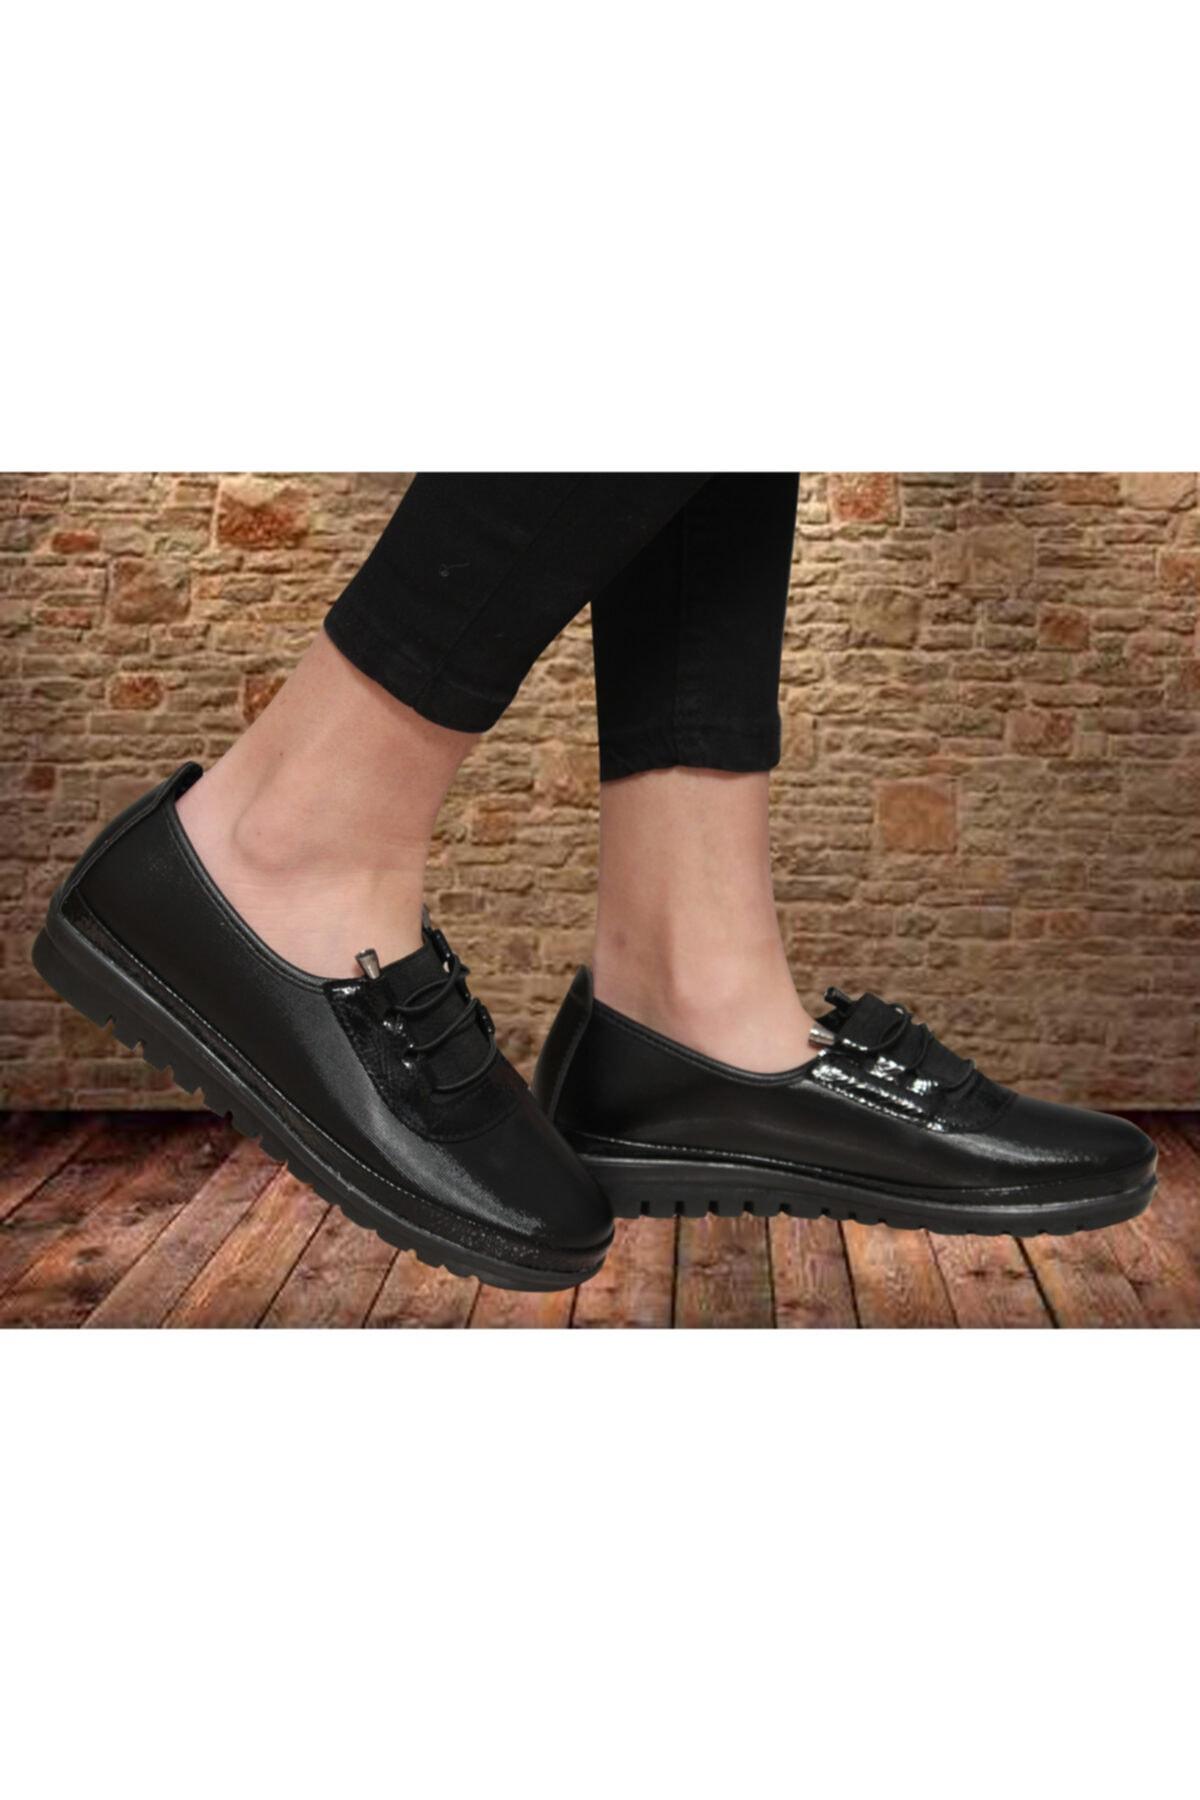 Witty Kadın Günlük Siyah Ortopedik Babet Ayakkabı 1